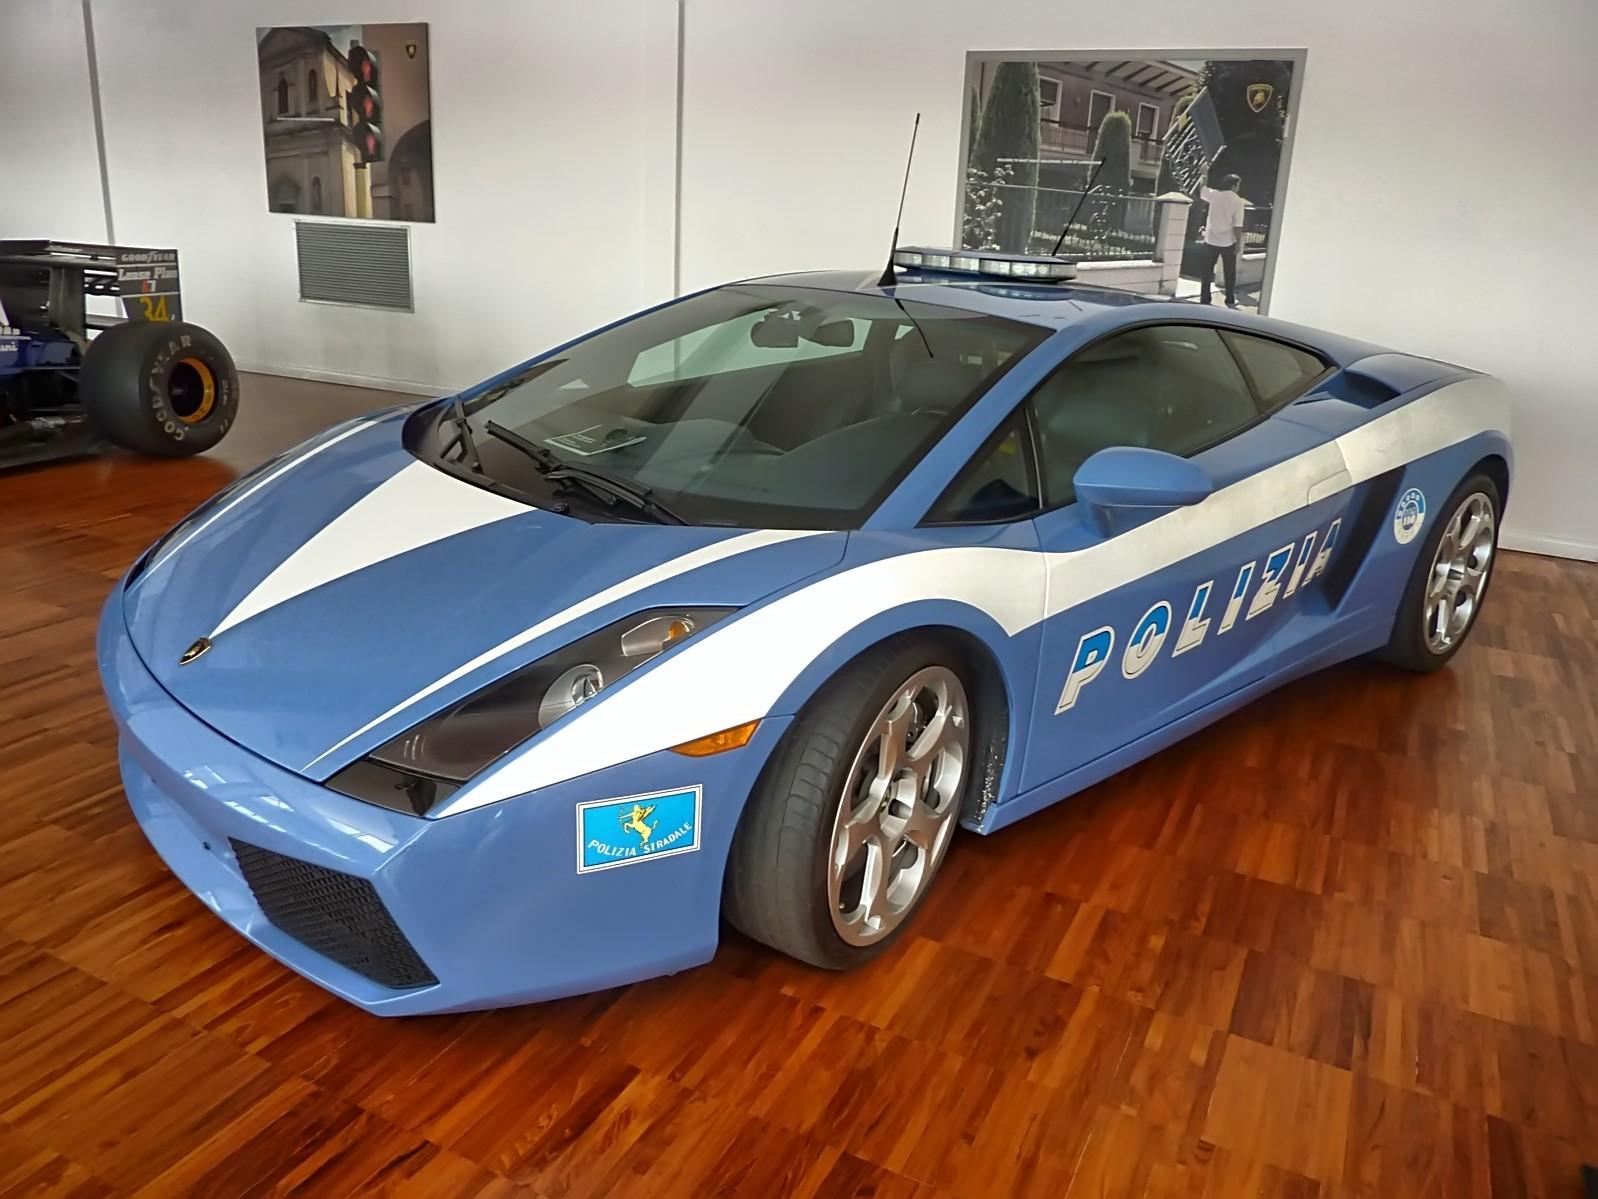 Gallardo LP560-4 Polizia (2009)